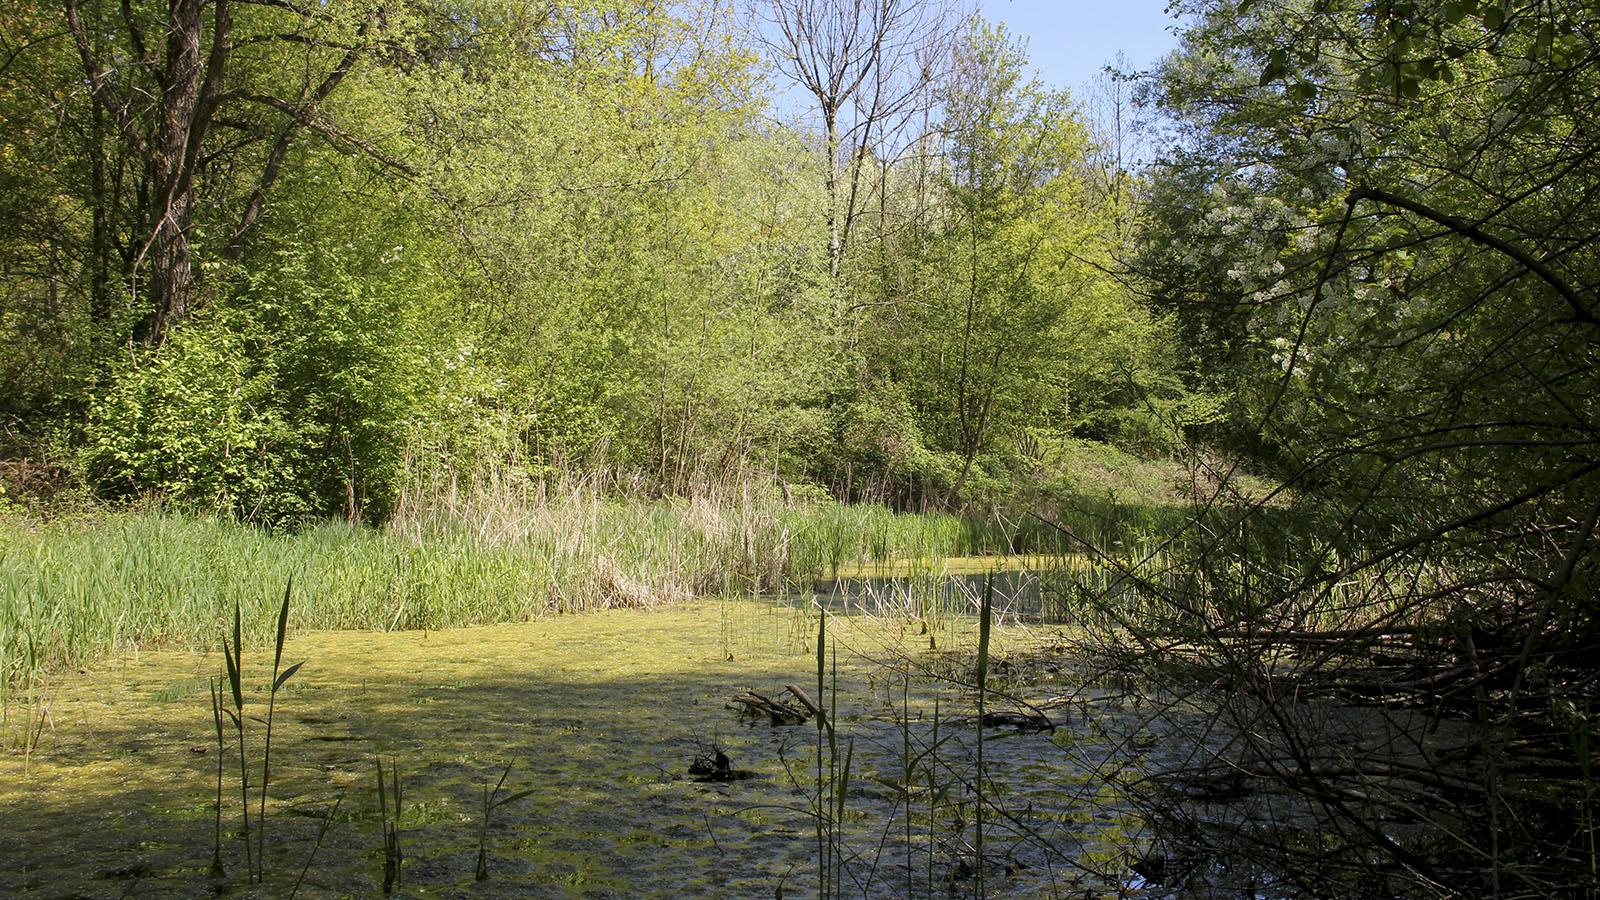 Auf dem Gelände kommen rund zweihundert verschiedene Pflanzenarten vor